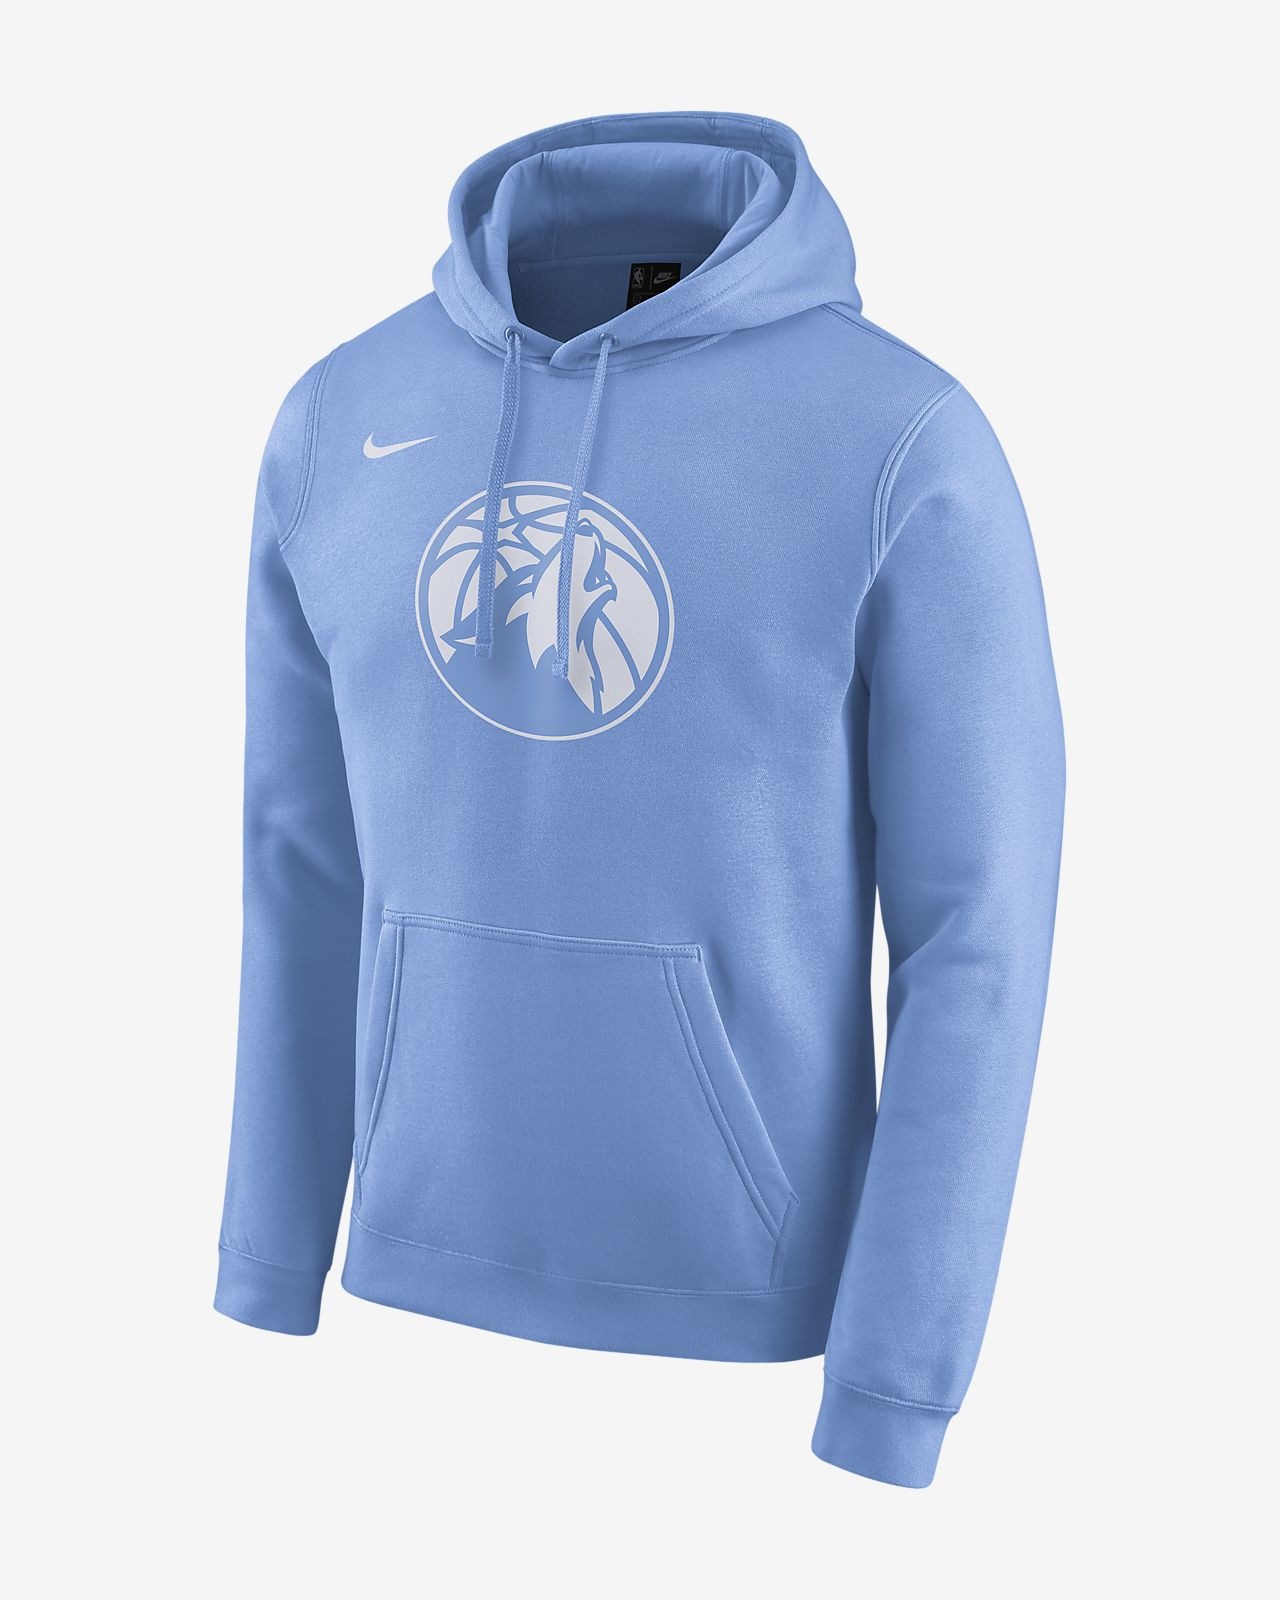 Timberwolves City Edition Logo Nike NBA hettegenser til herre